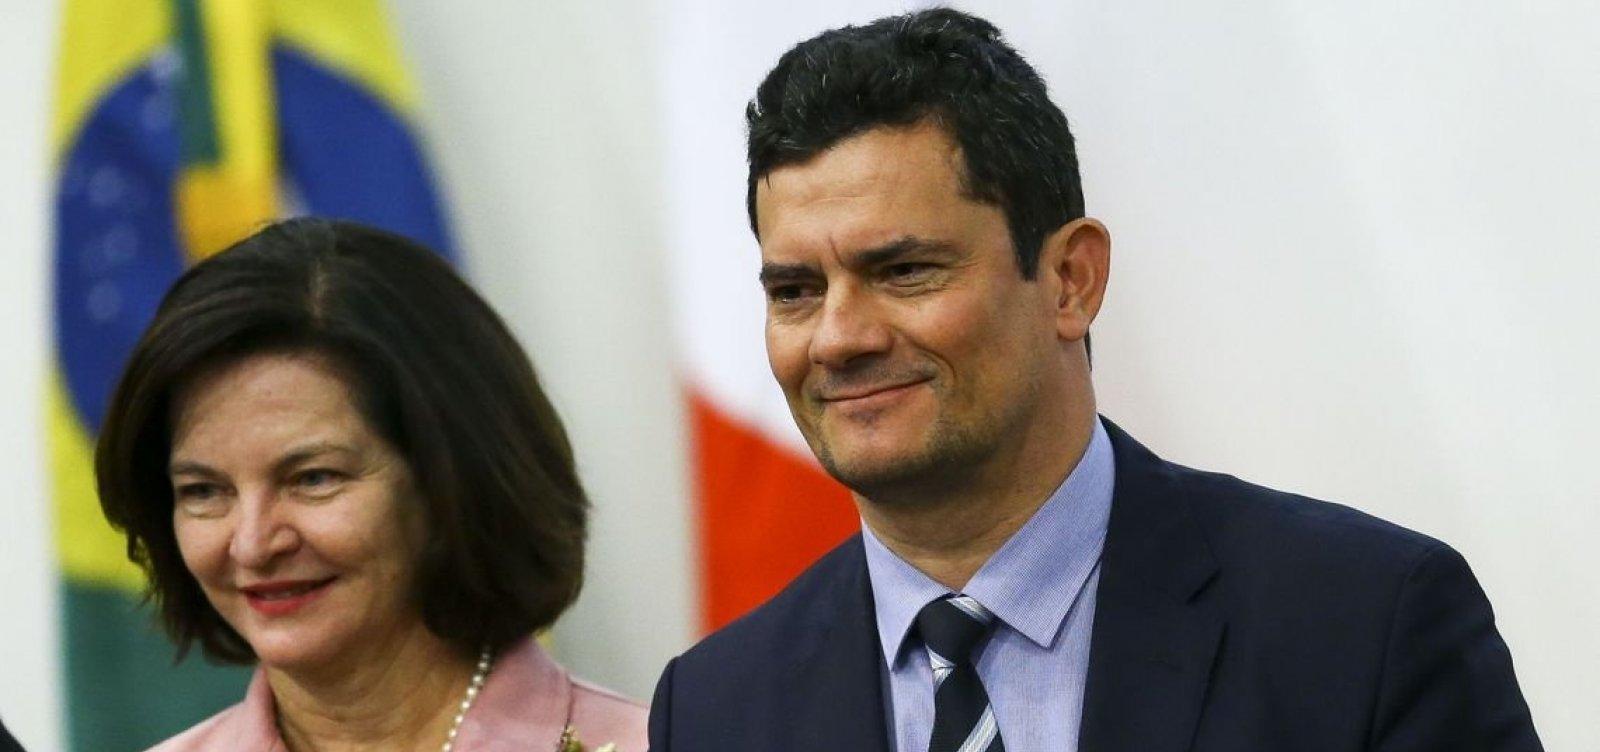 [Moro pediu verba de multa da Petrobras para seu ministério]